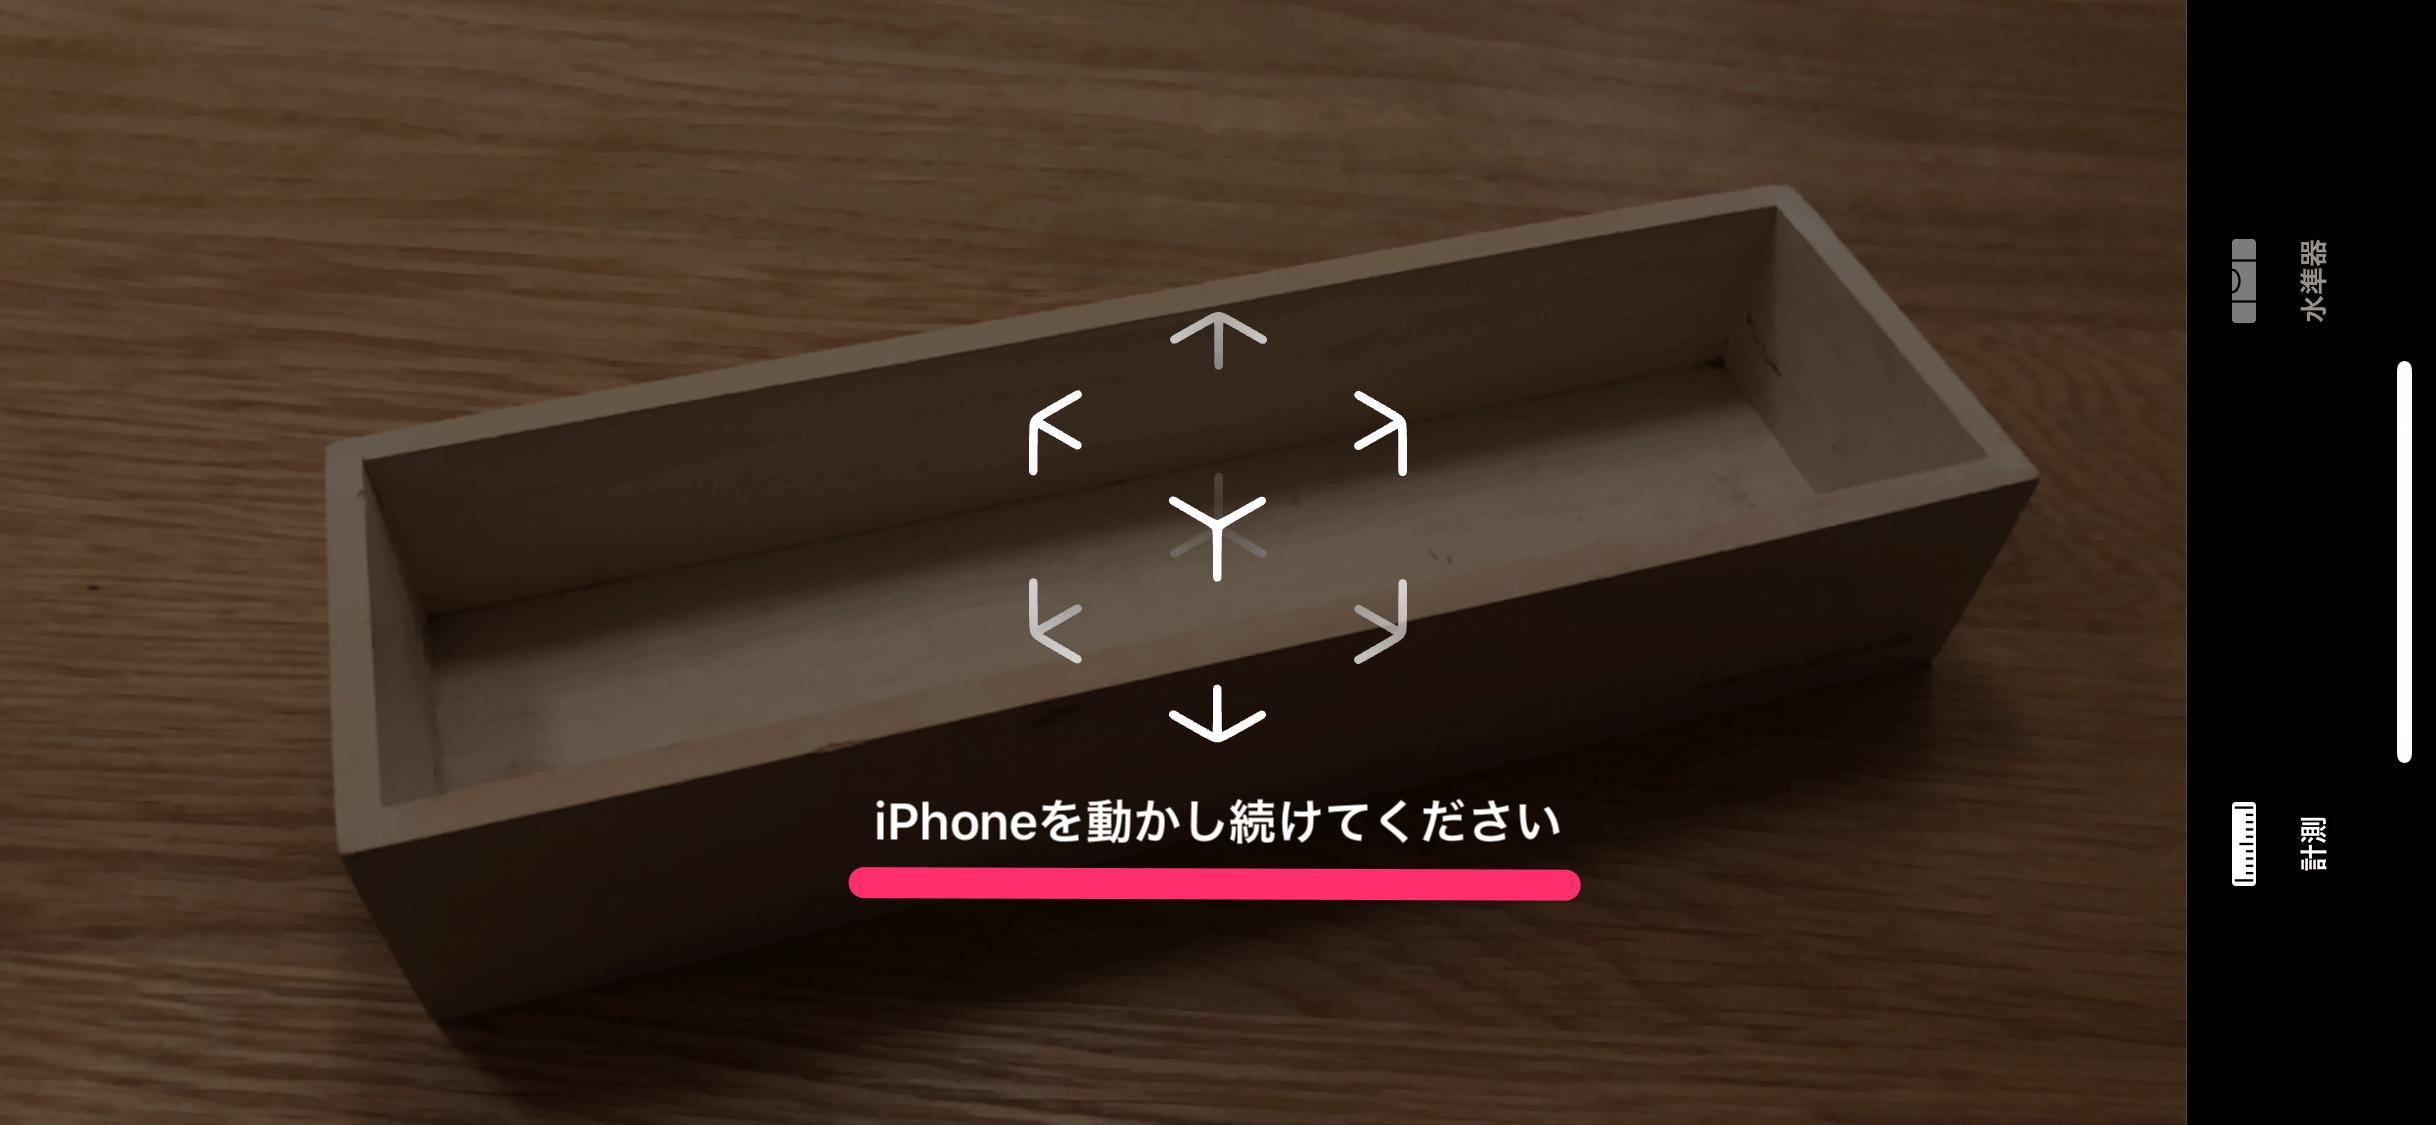 【iOS12新機能】iPhoneが定規に!? 標準アプリ「計測」でカメラを通して見た物体のサイズを測る